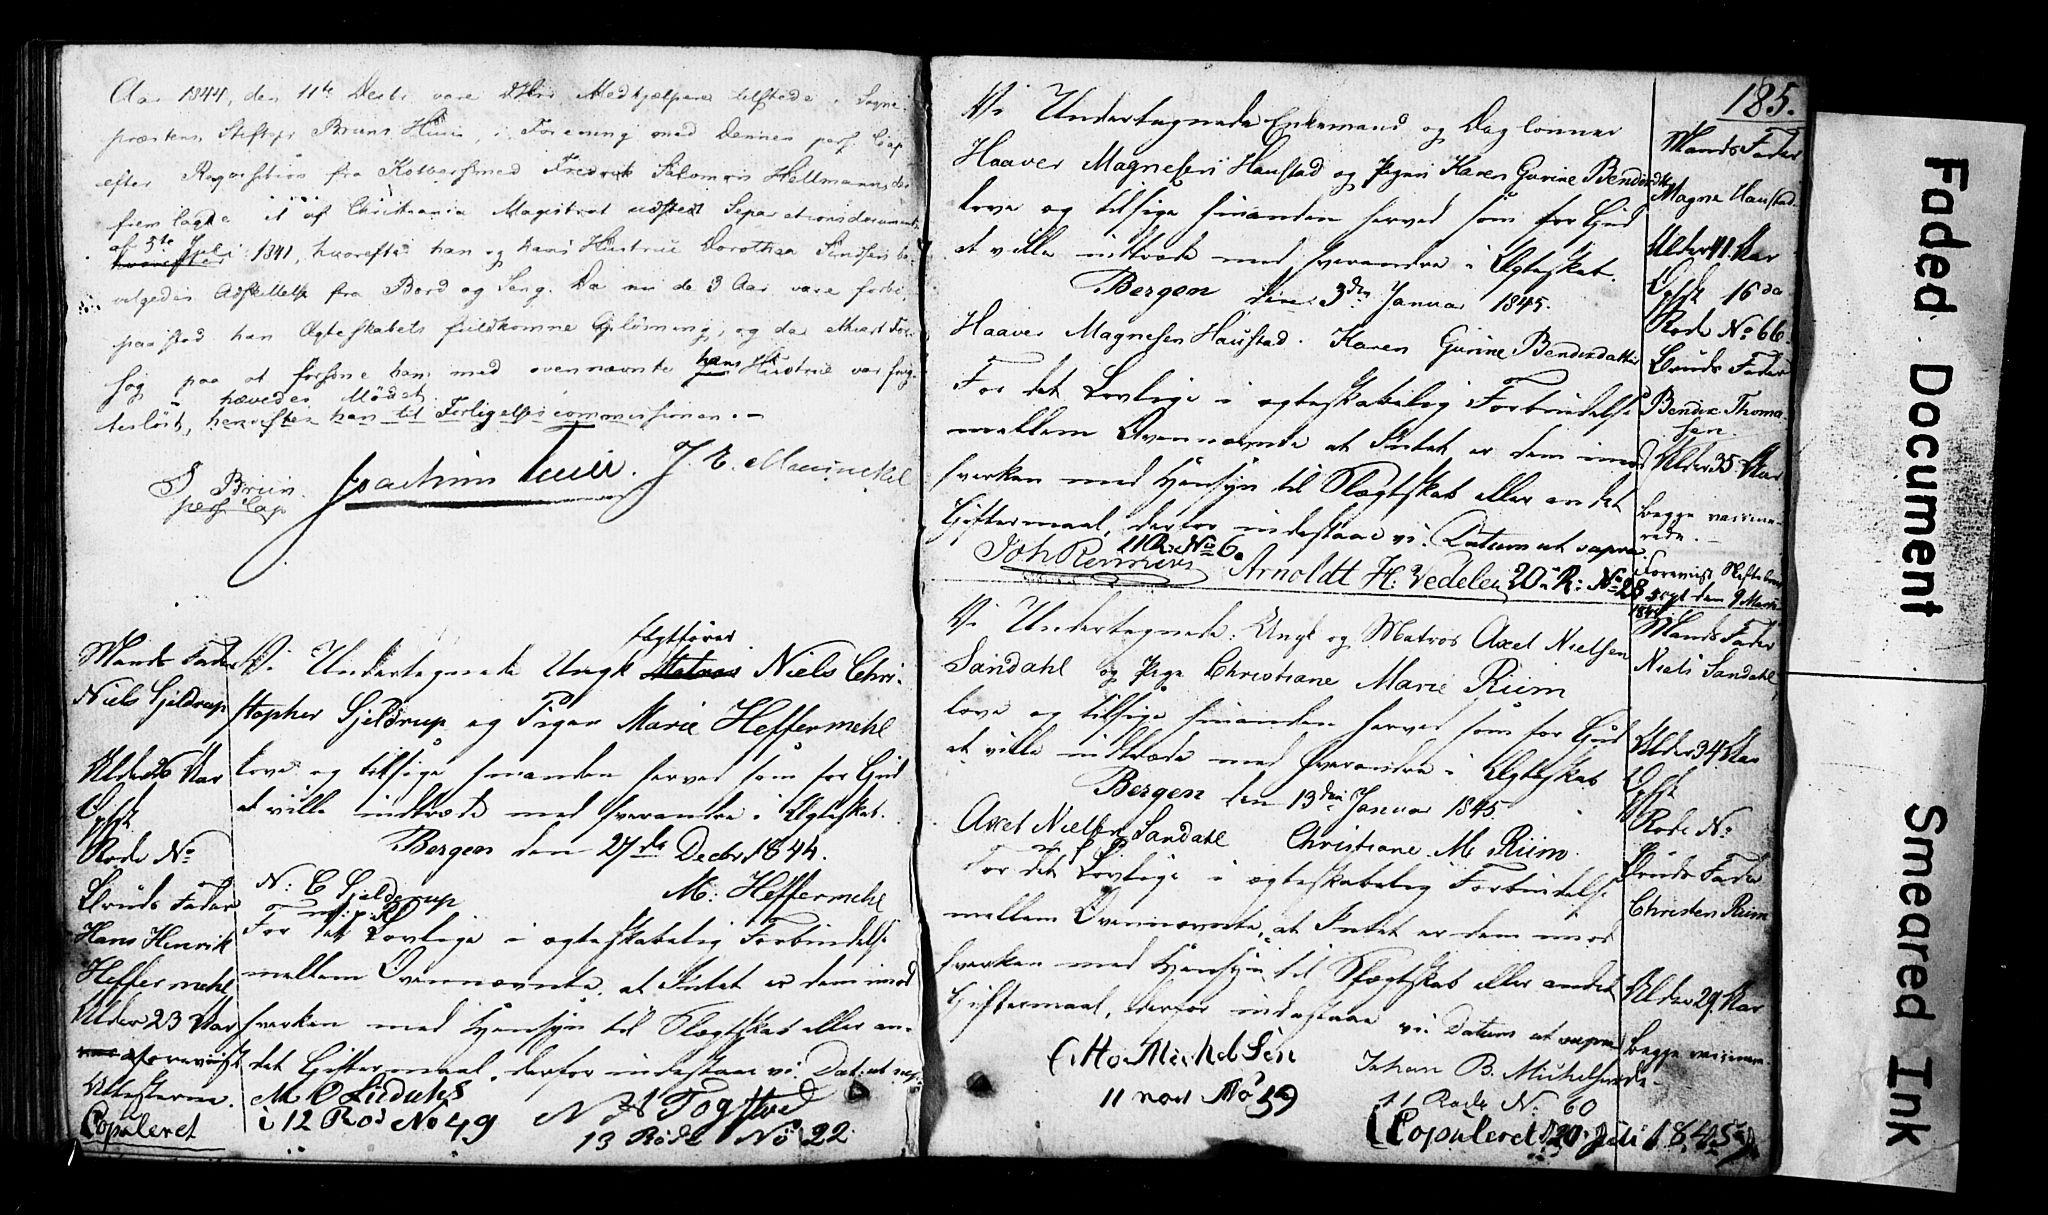 SAB, Domkirken Sokneprestembete, Forlovererklæringer nr. II.5.3, 1832-1845, s. 185